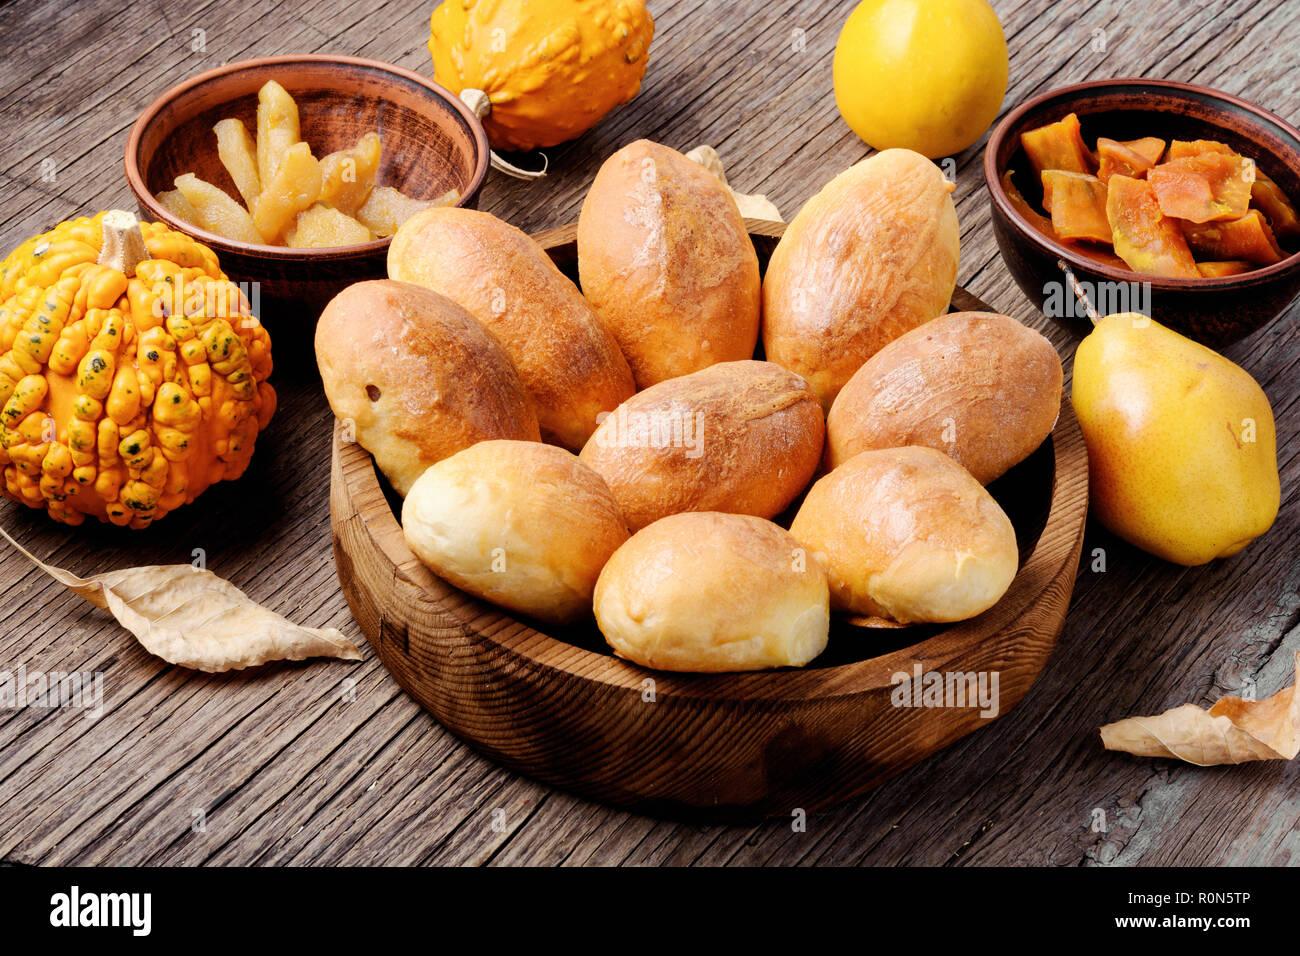 Tartes russes remplis de citrouille et la poire.La cuisine russe Banque D'Images